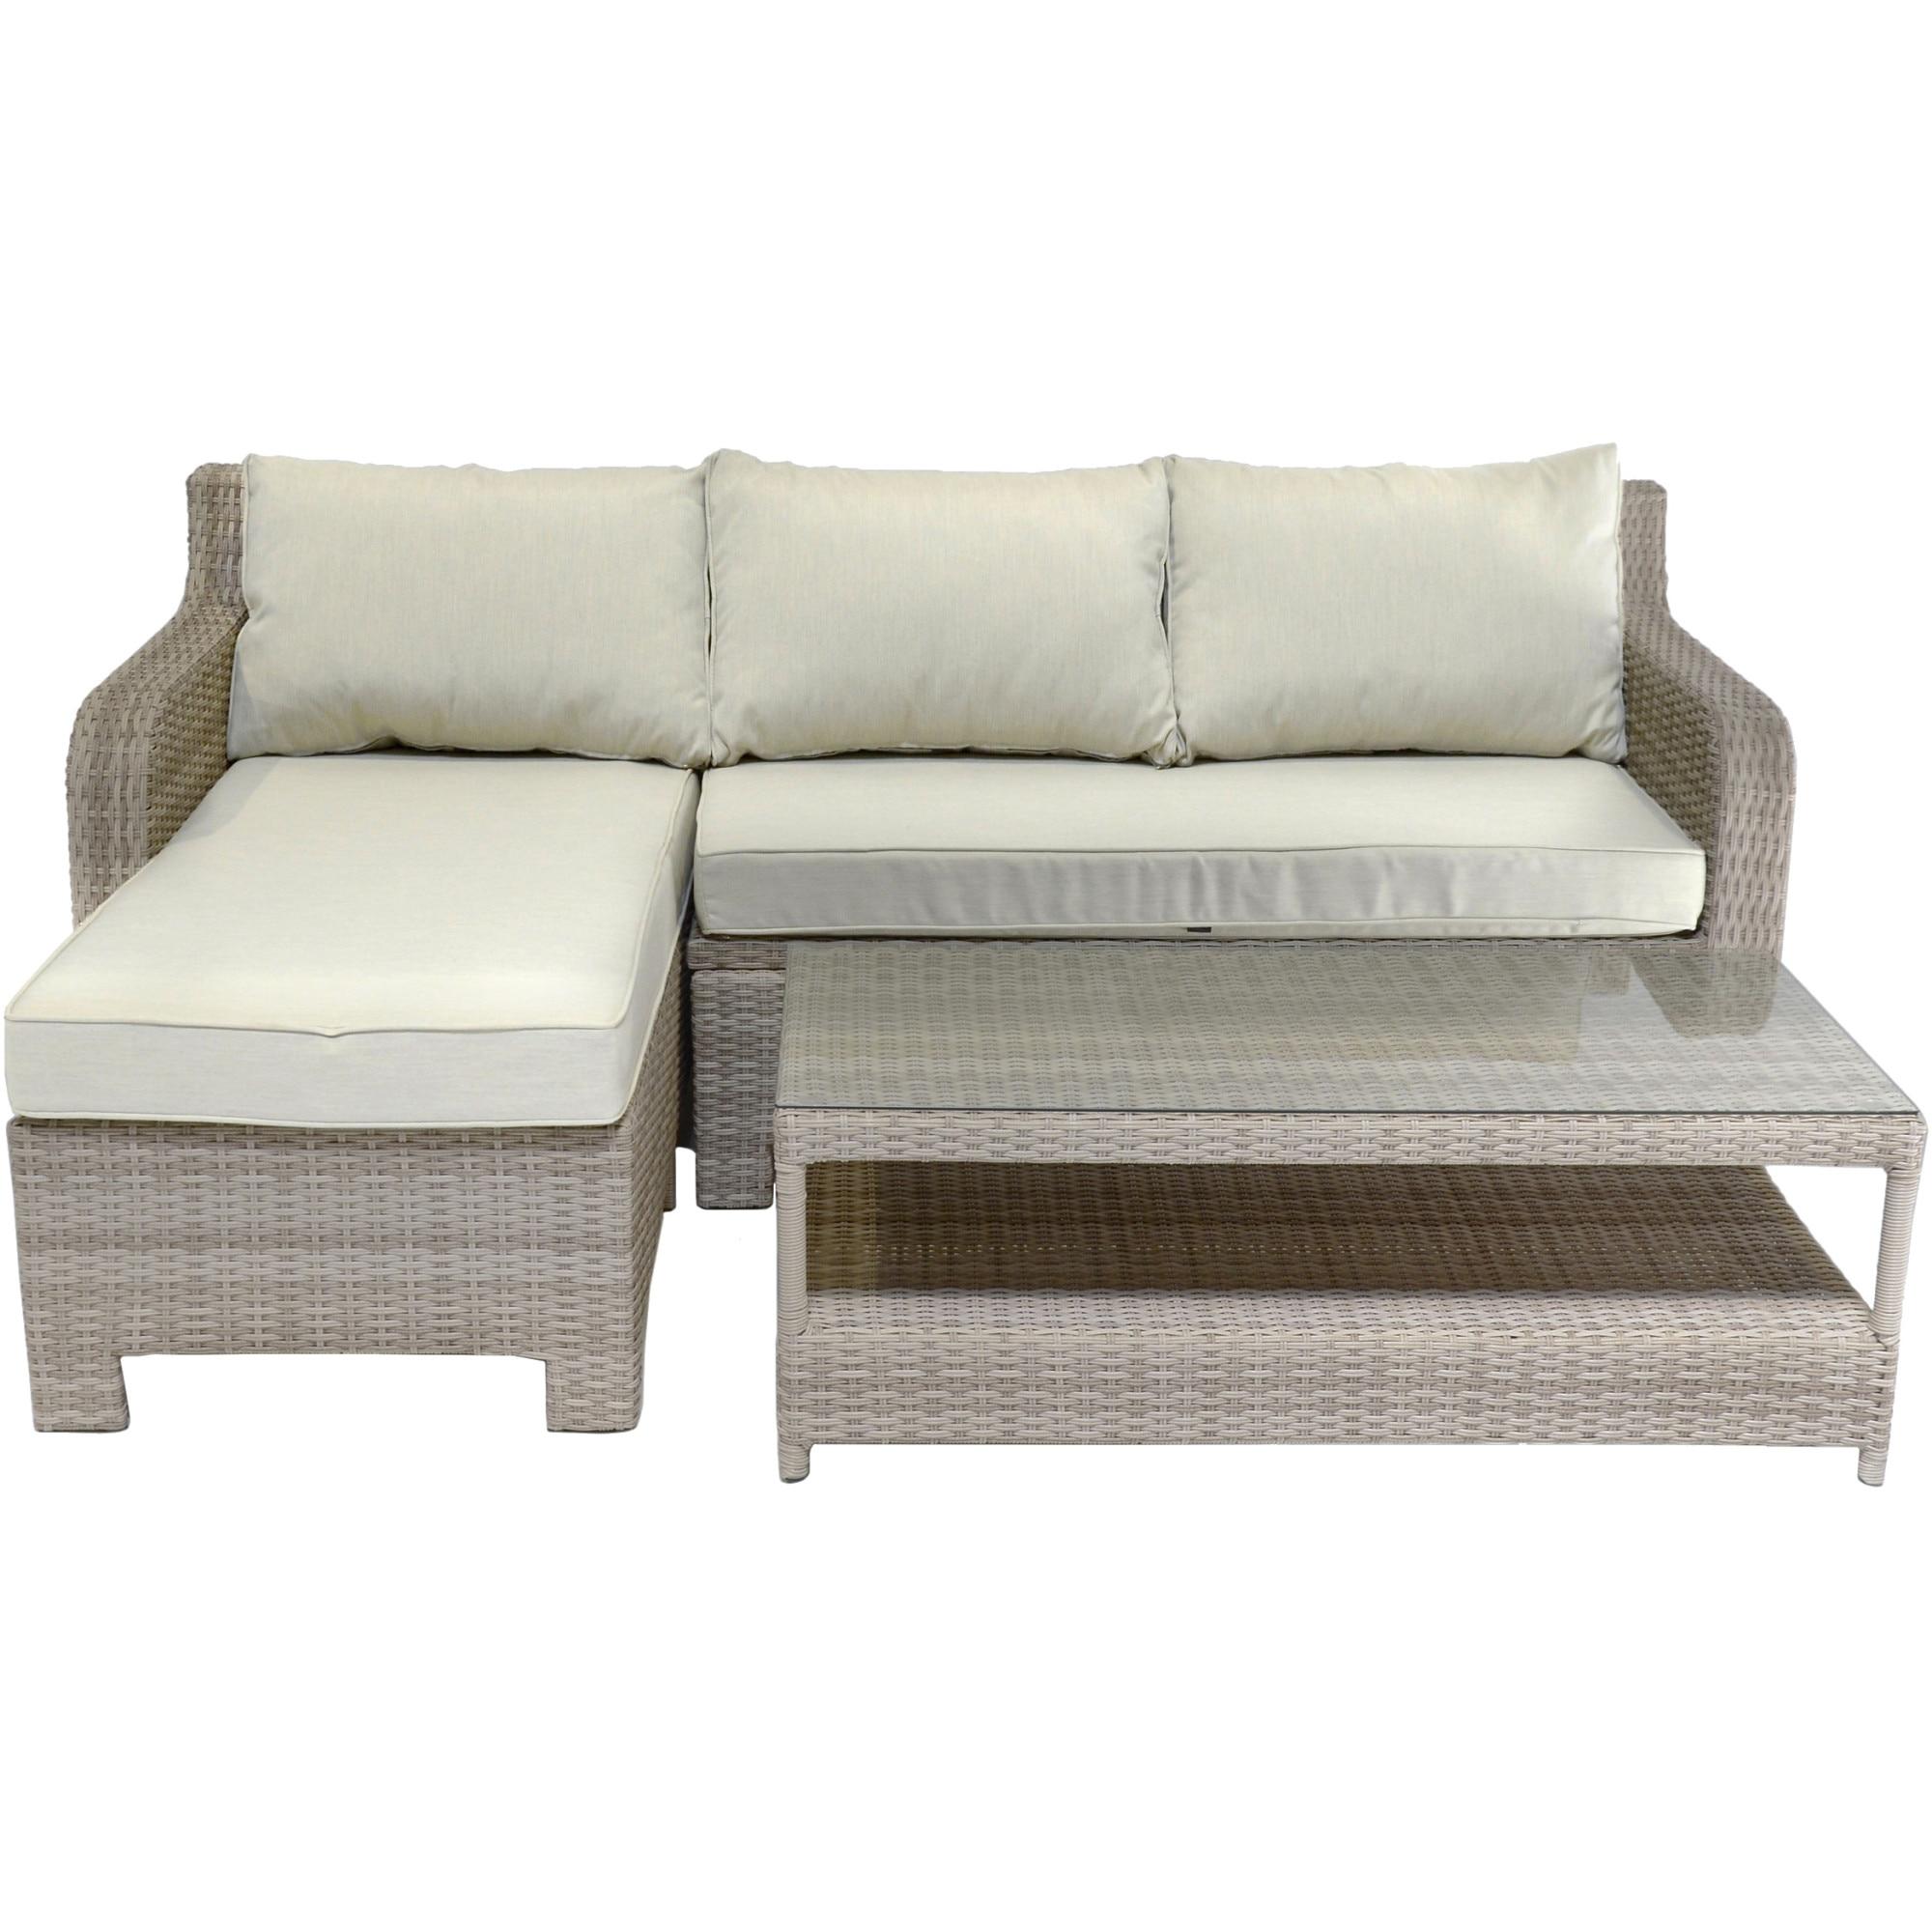 Fotografie Set mobilier gradina/terasa coltar Kring Split, canapea, masa, Bej